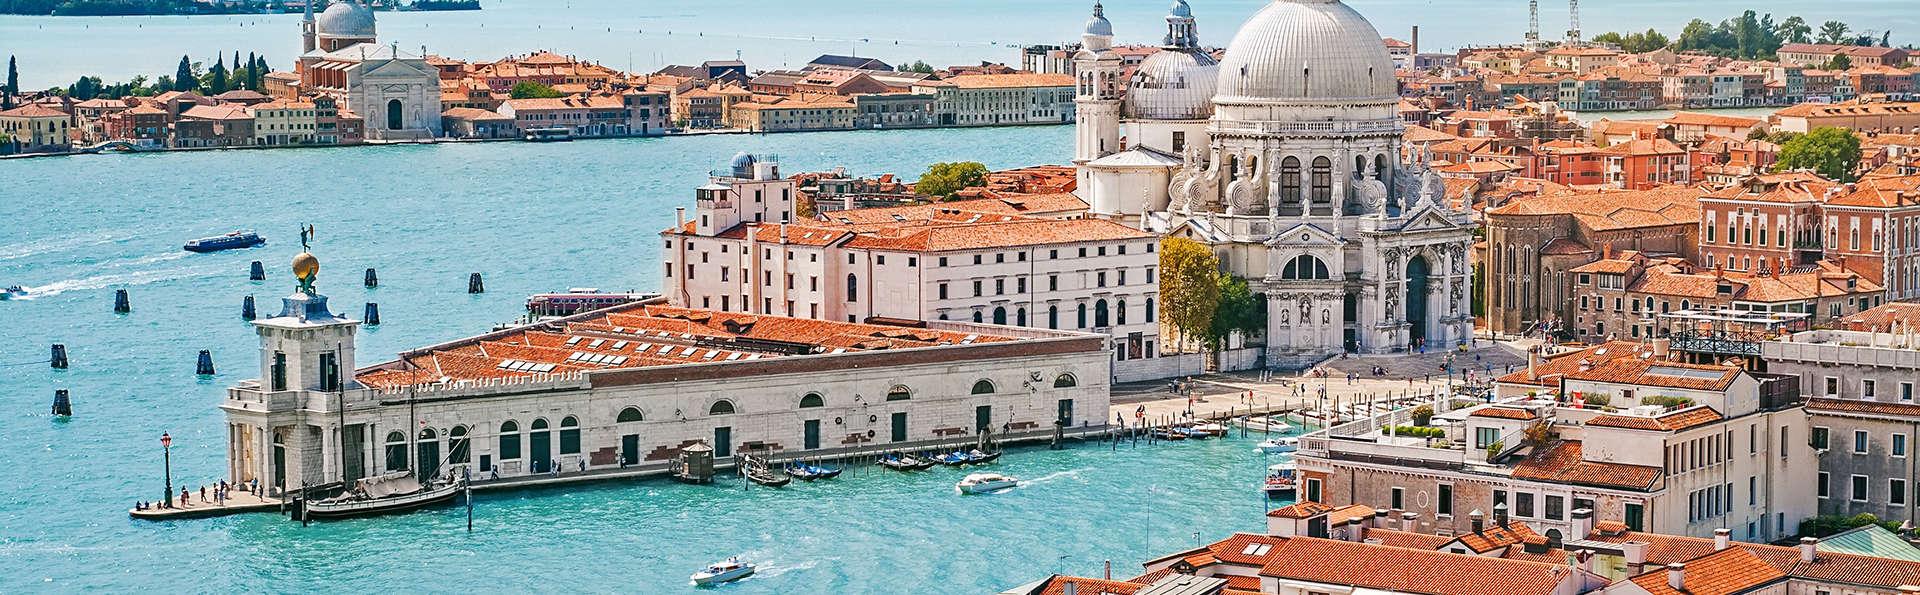 Alójate en el centro de Venecia, cerca del Gran Canal